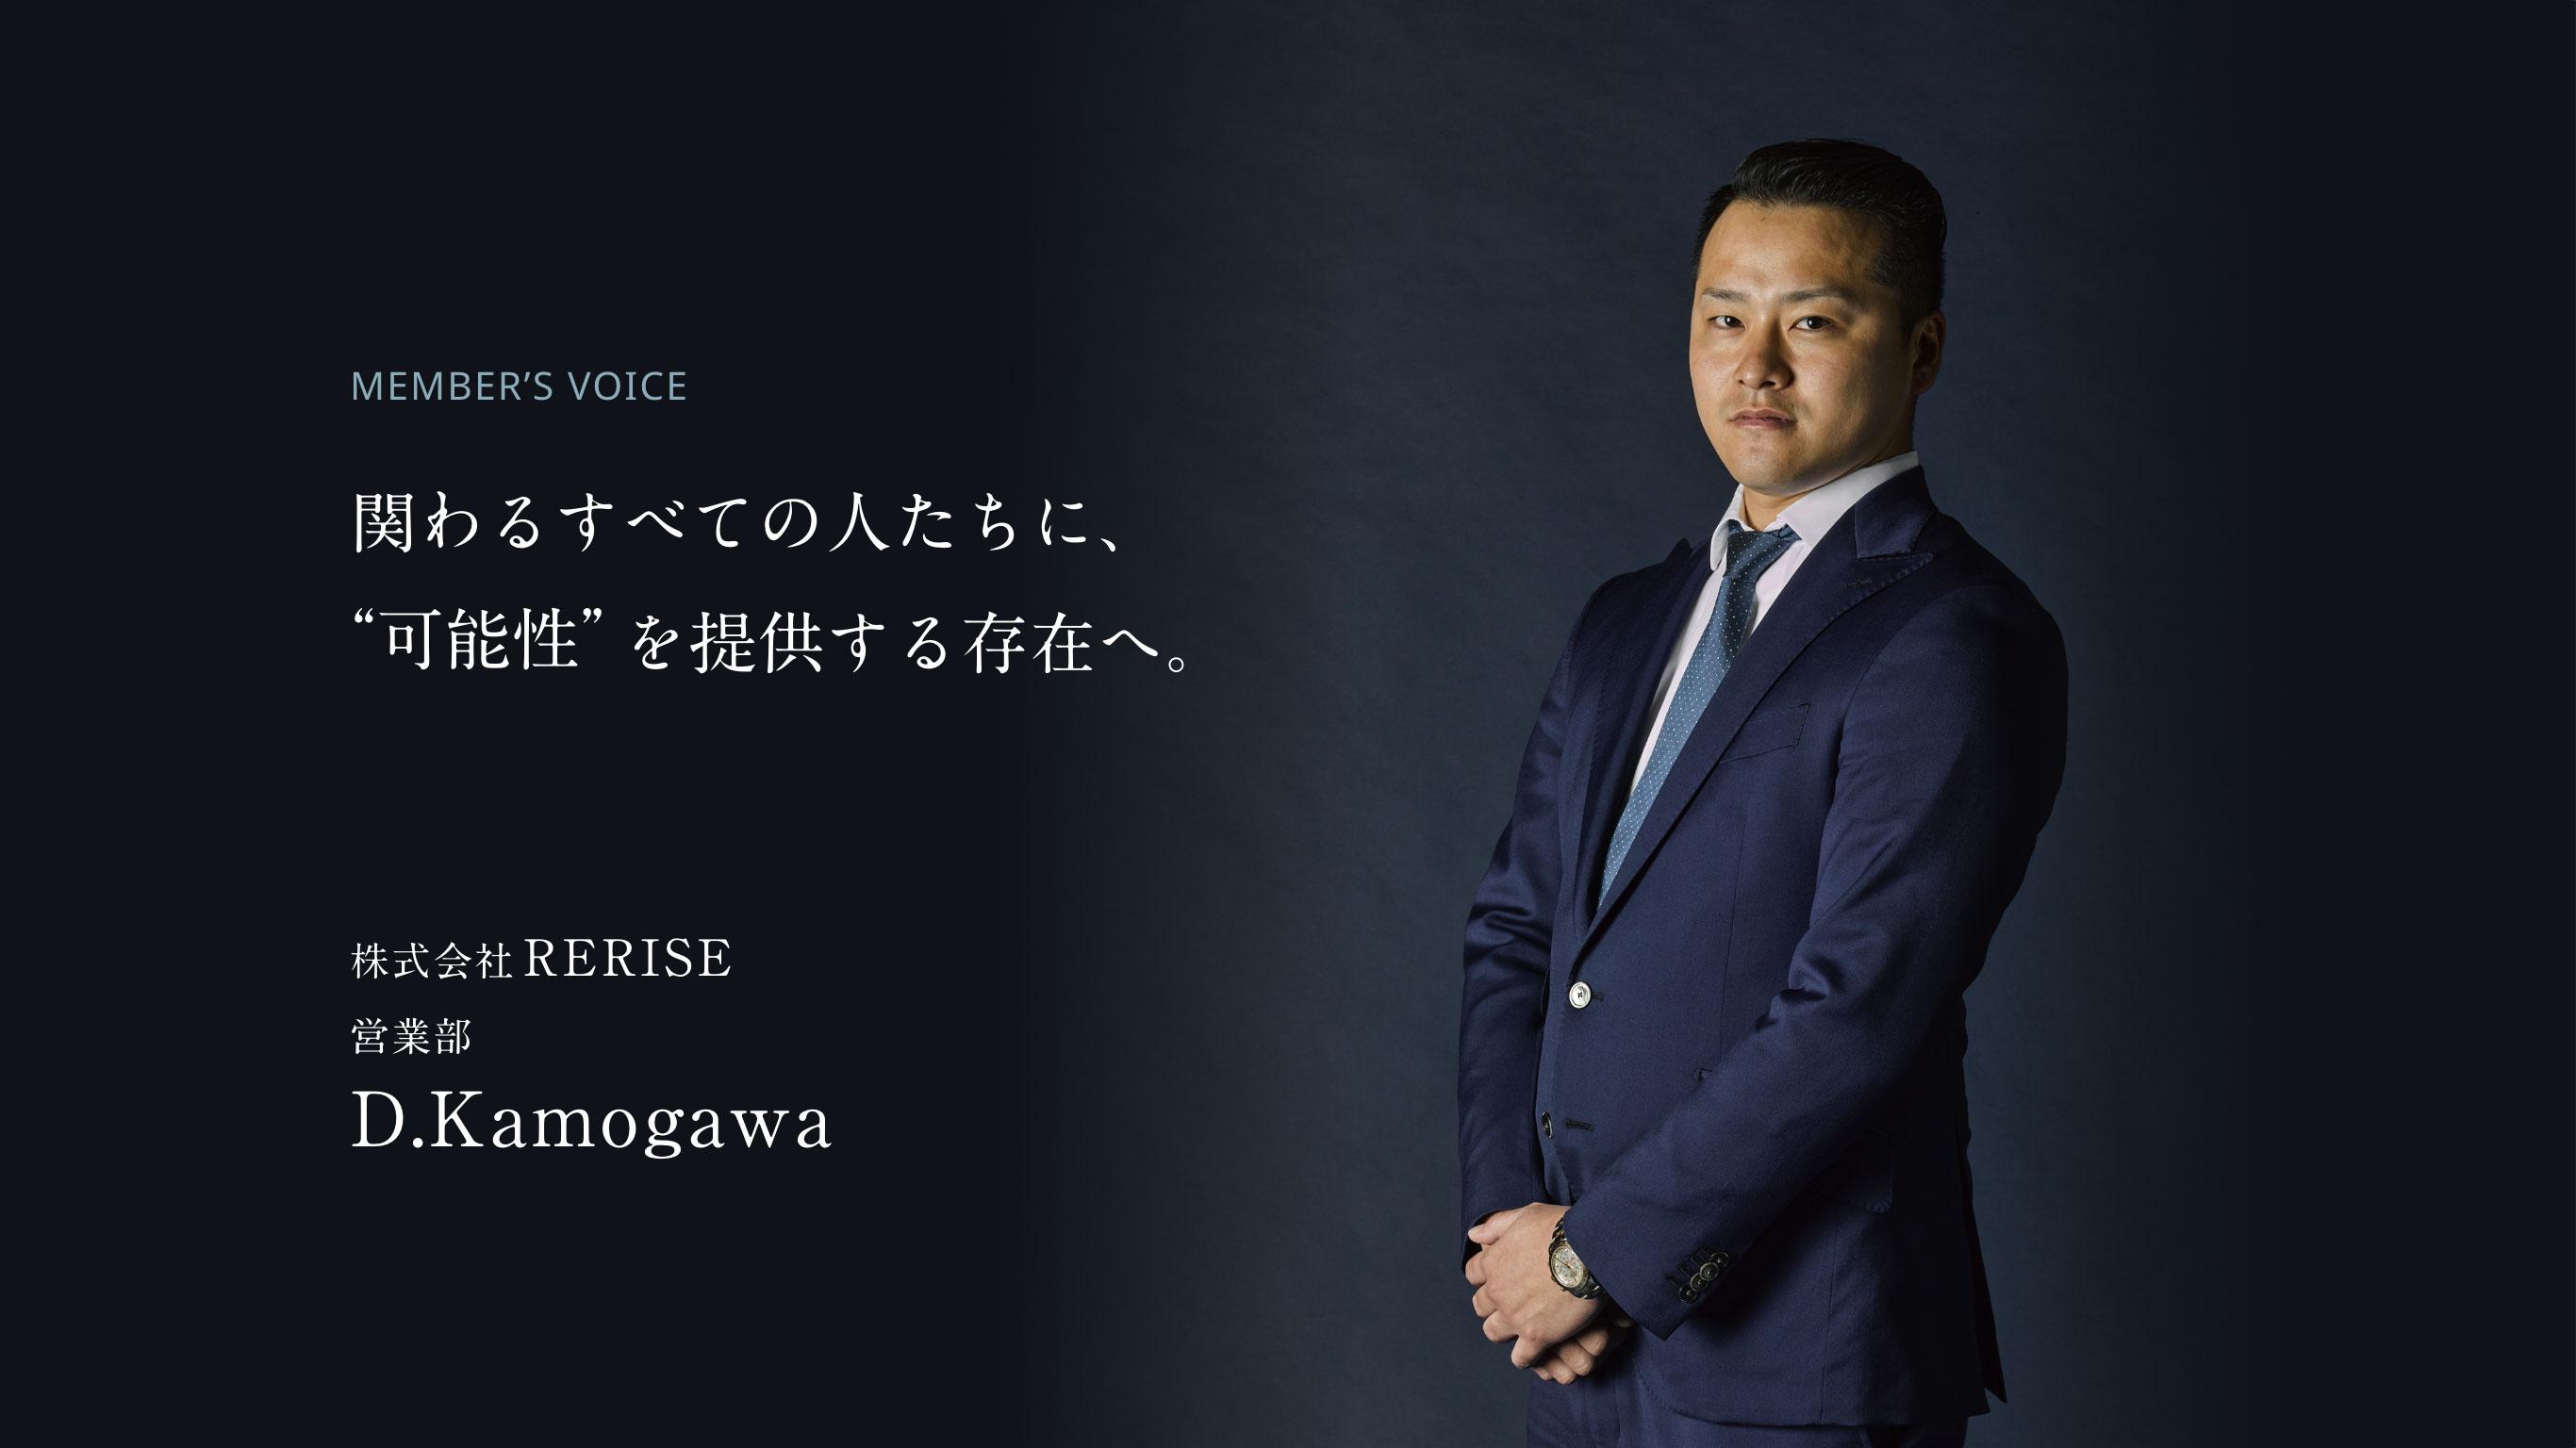 関わるすべての人たちに、を提供する存在へ。 株式会社RERISE 営業部 D.Kamogawa